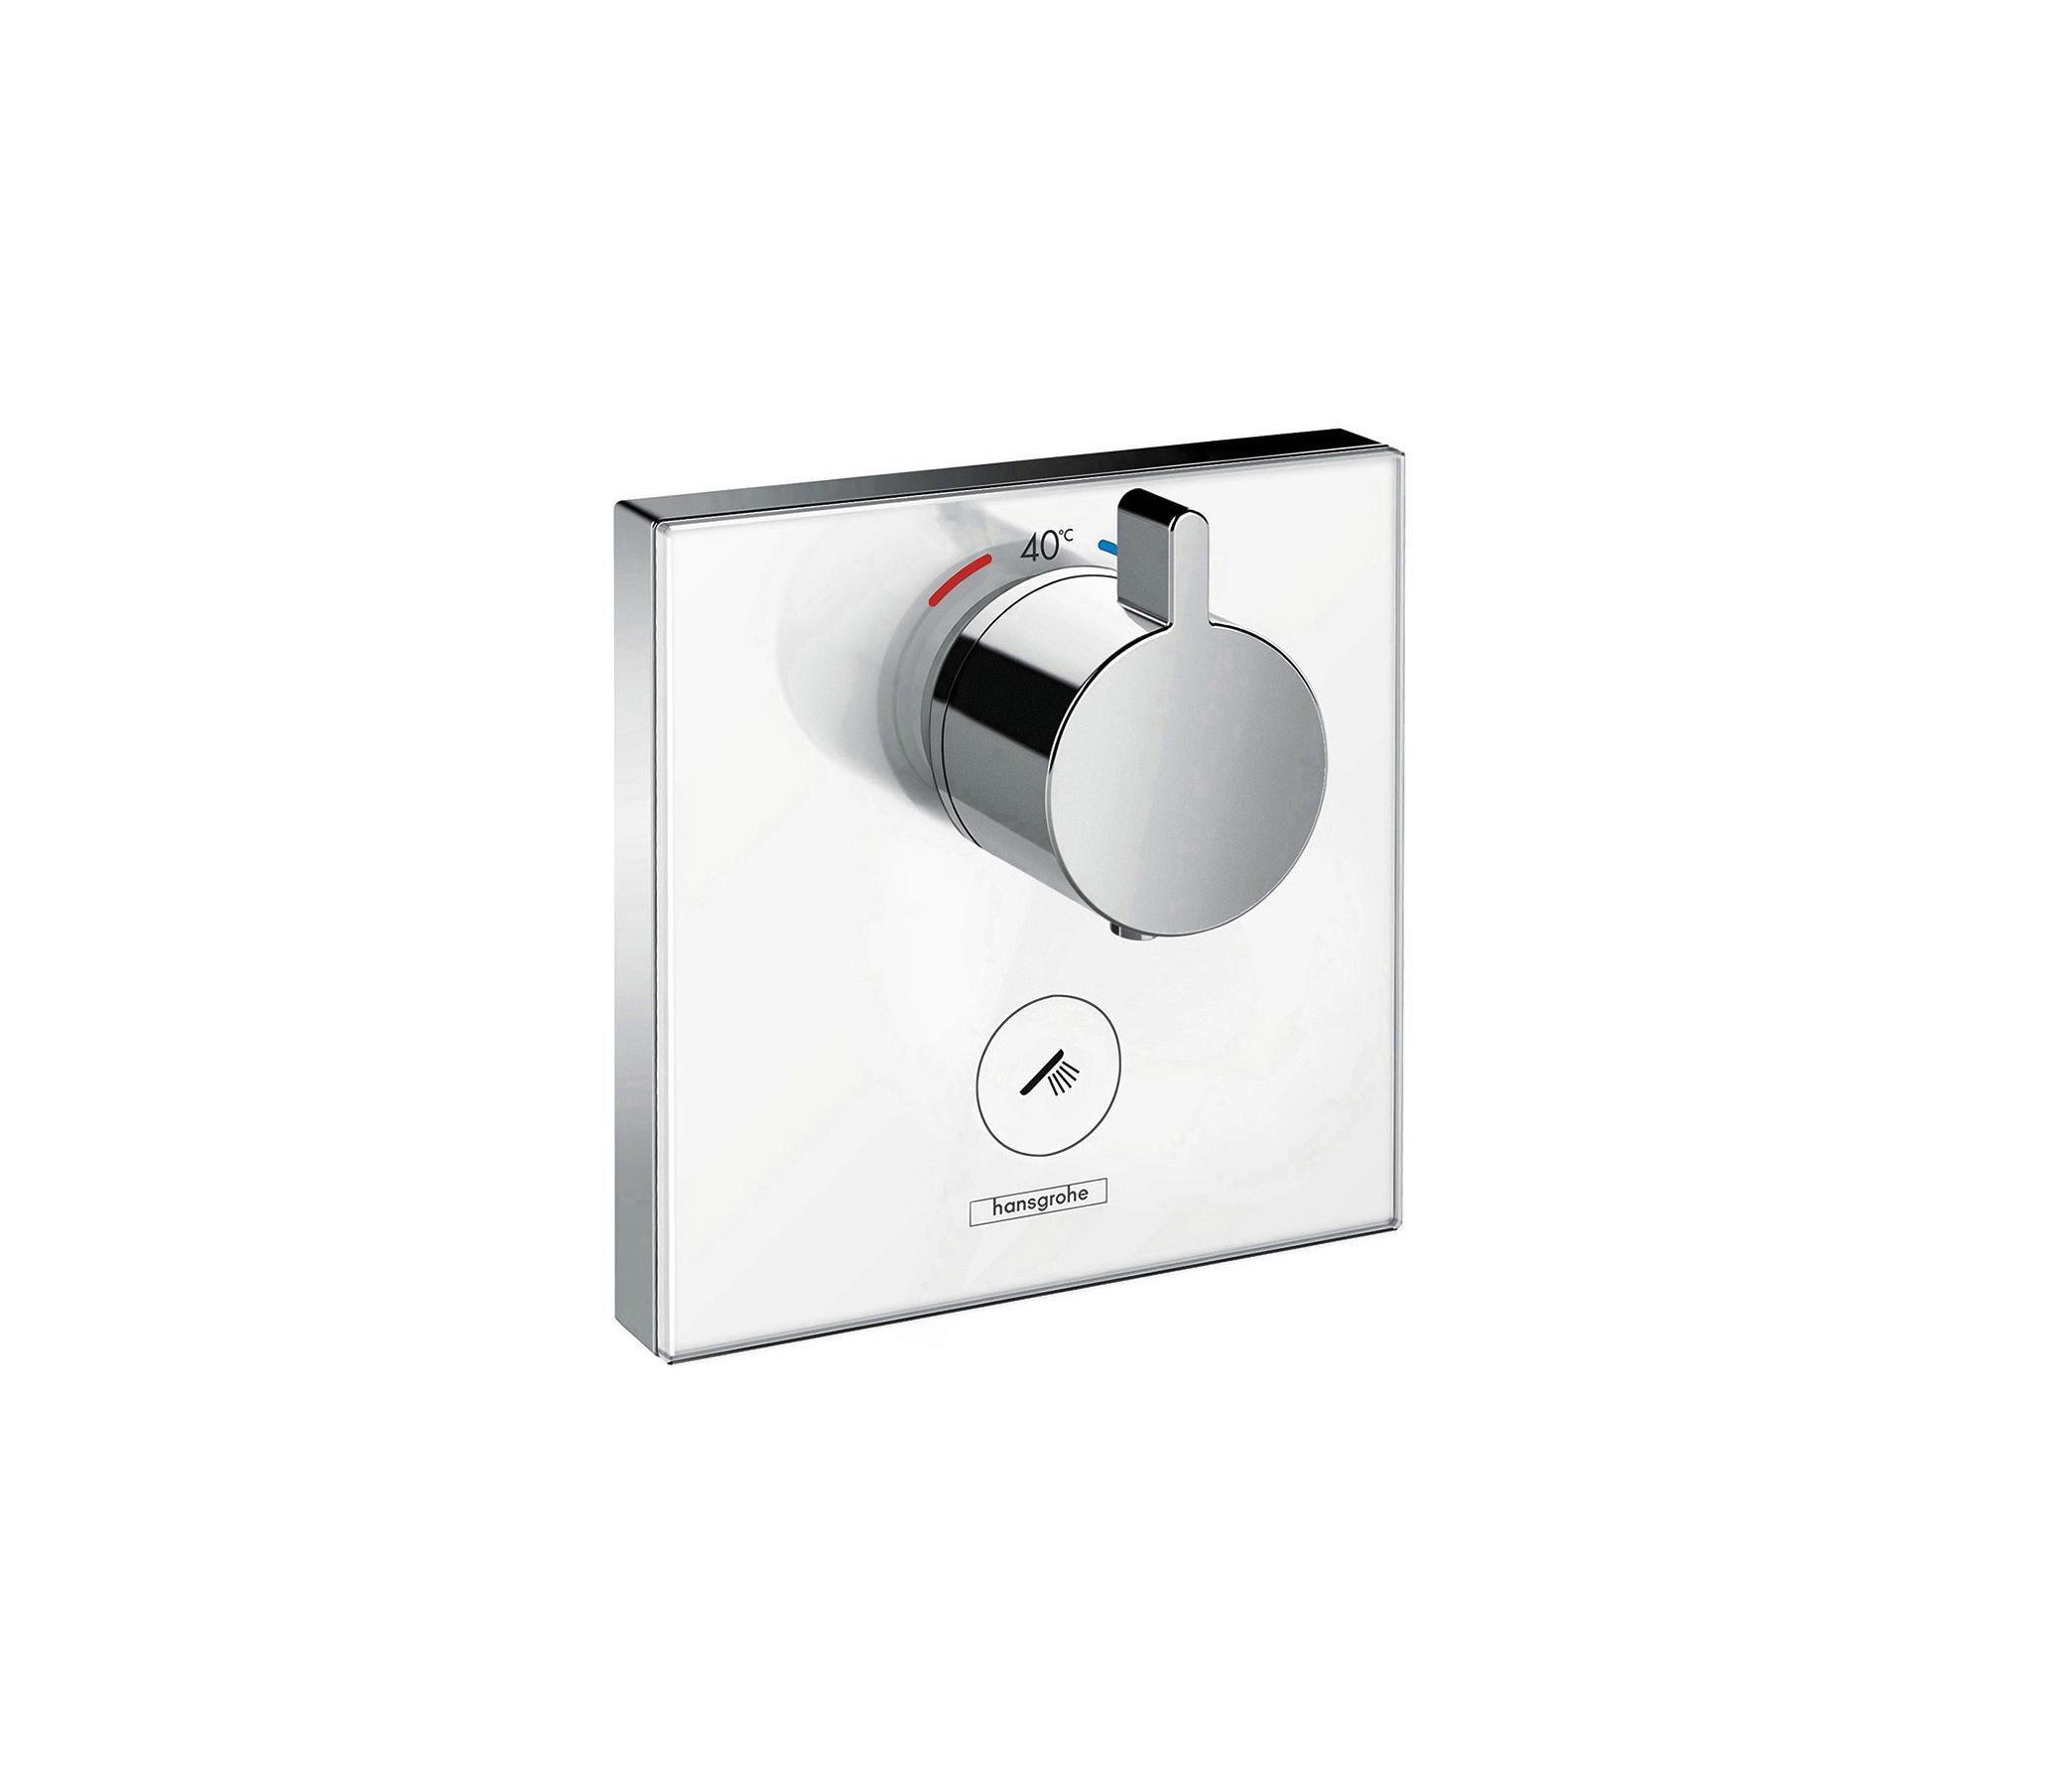 hansgrohe showerselect thermostat highflow unterputz f r 1 verbraucher und einen zus tzlichen. Black Bedroom Furniture Sets. Home Design Ideas